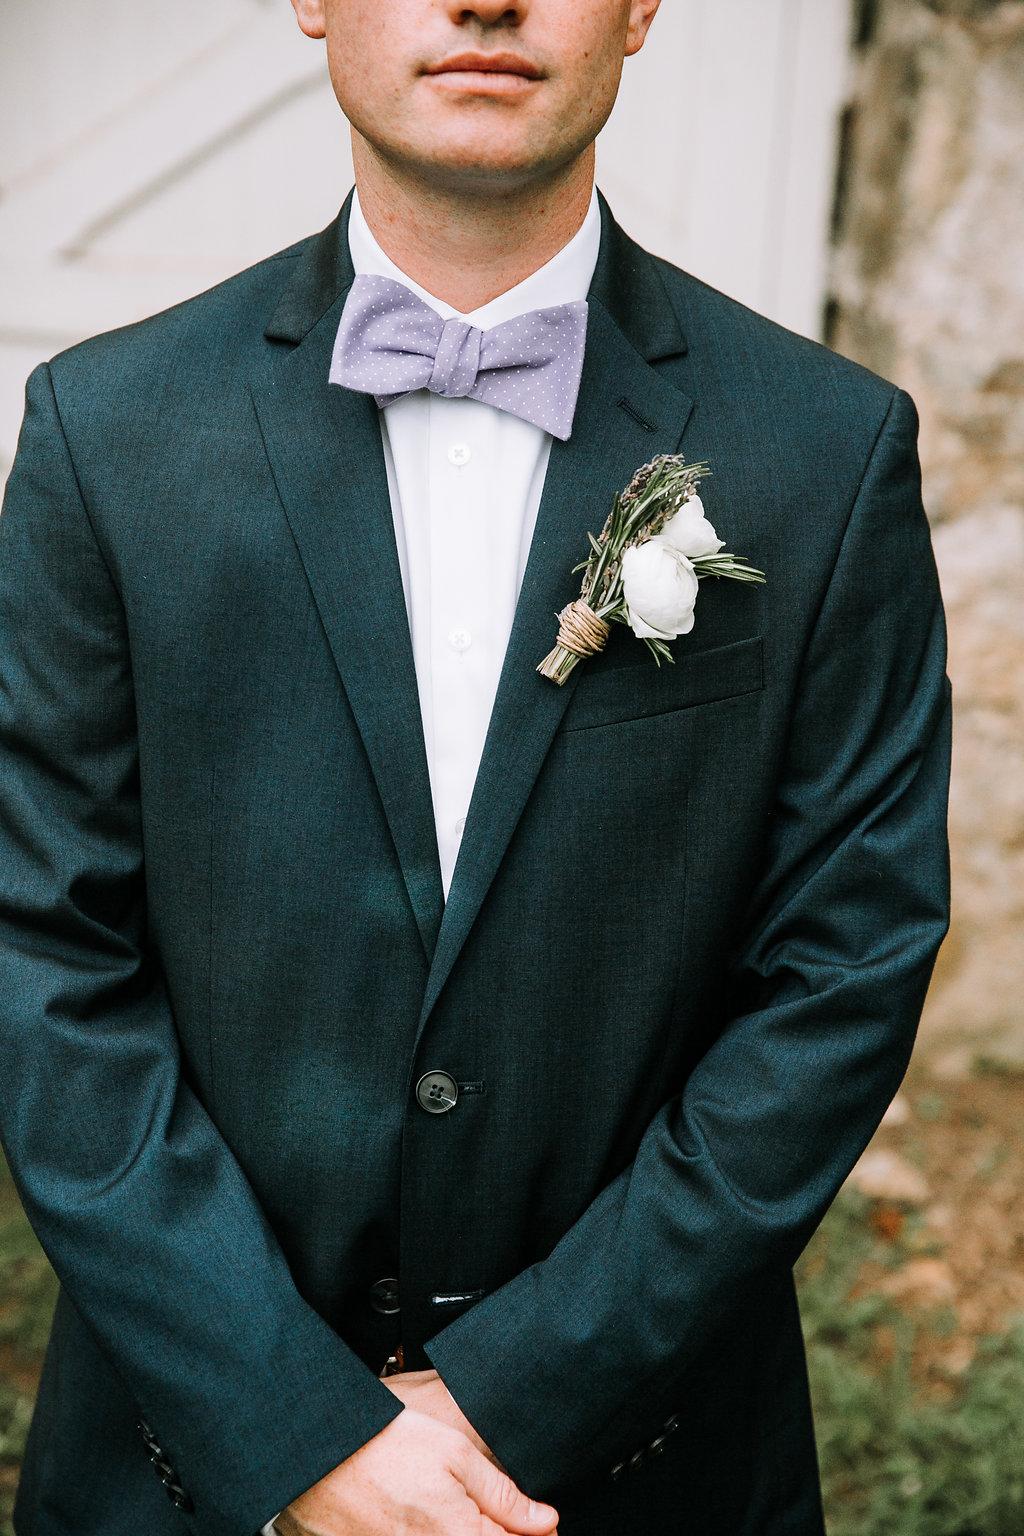 LUVLENS_WEDDING_ALYSSAPAUL_2ndSHOOT-33.jpg